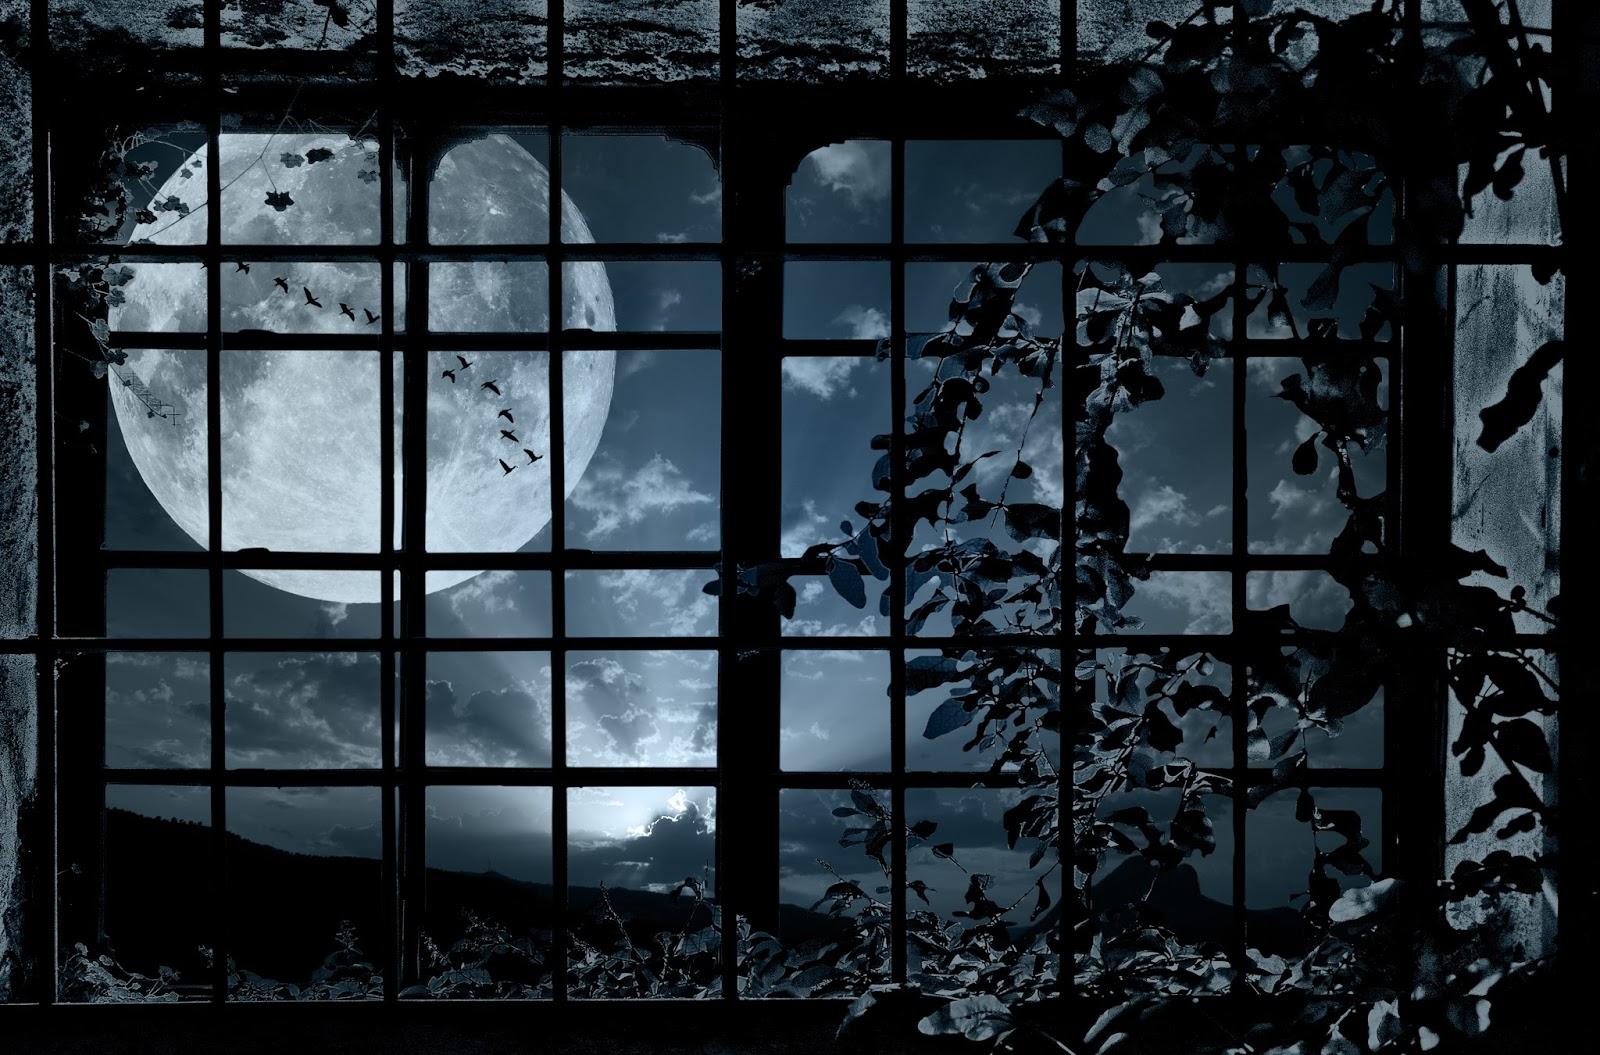 Ảnh mặt trăng qua khung cửa sổ đẹp